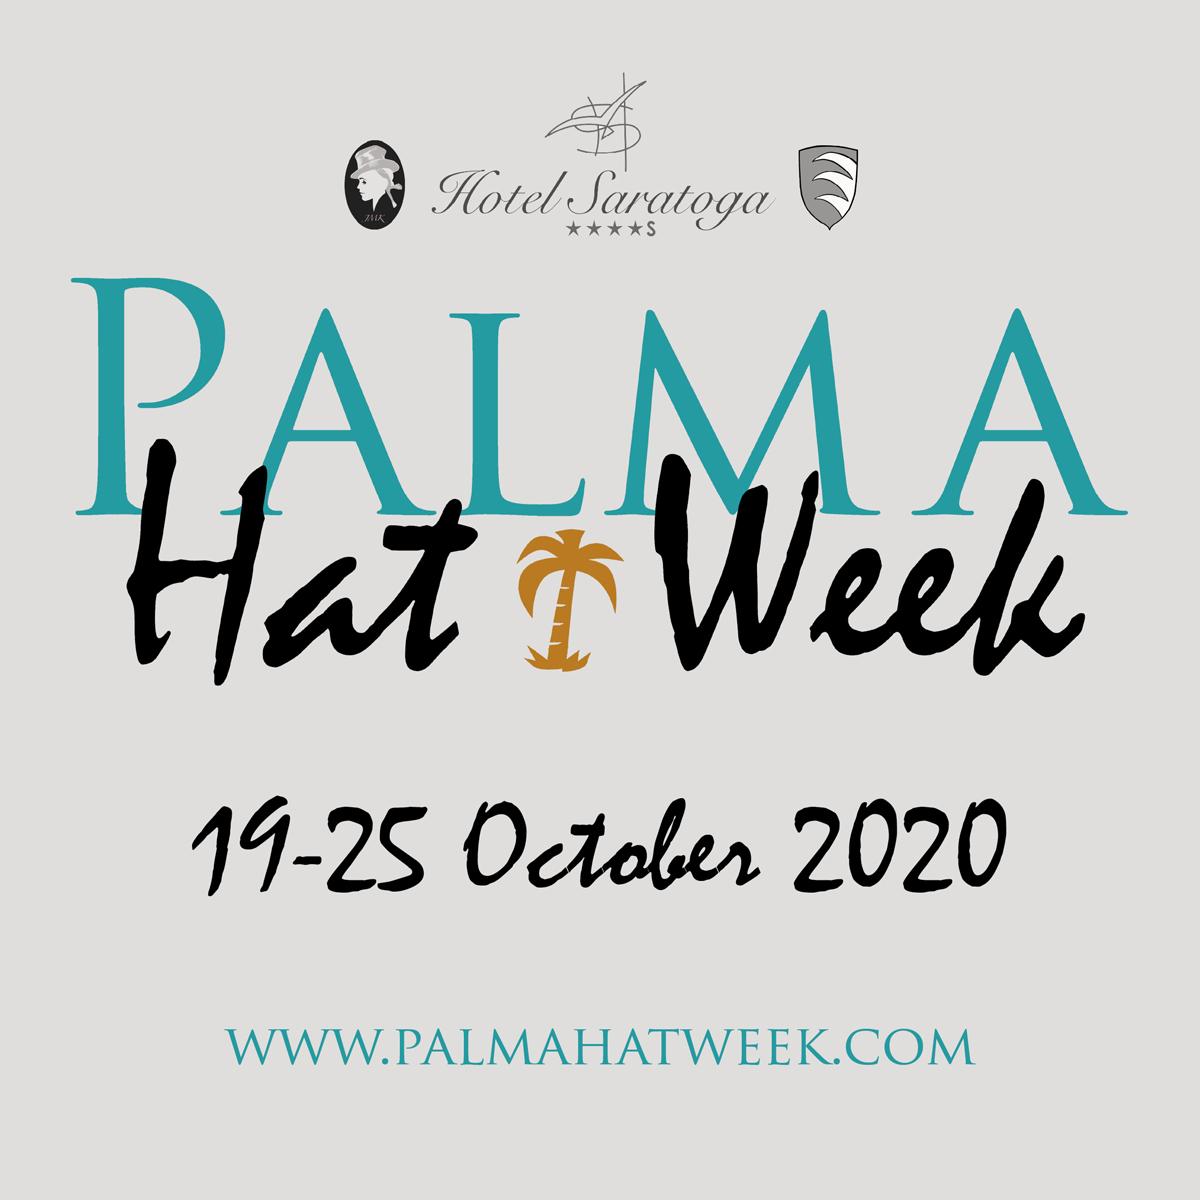 Palma Hat Week 2020